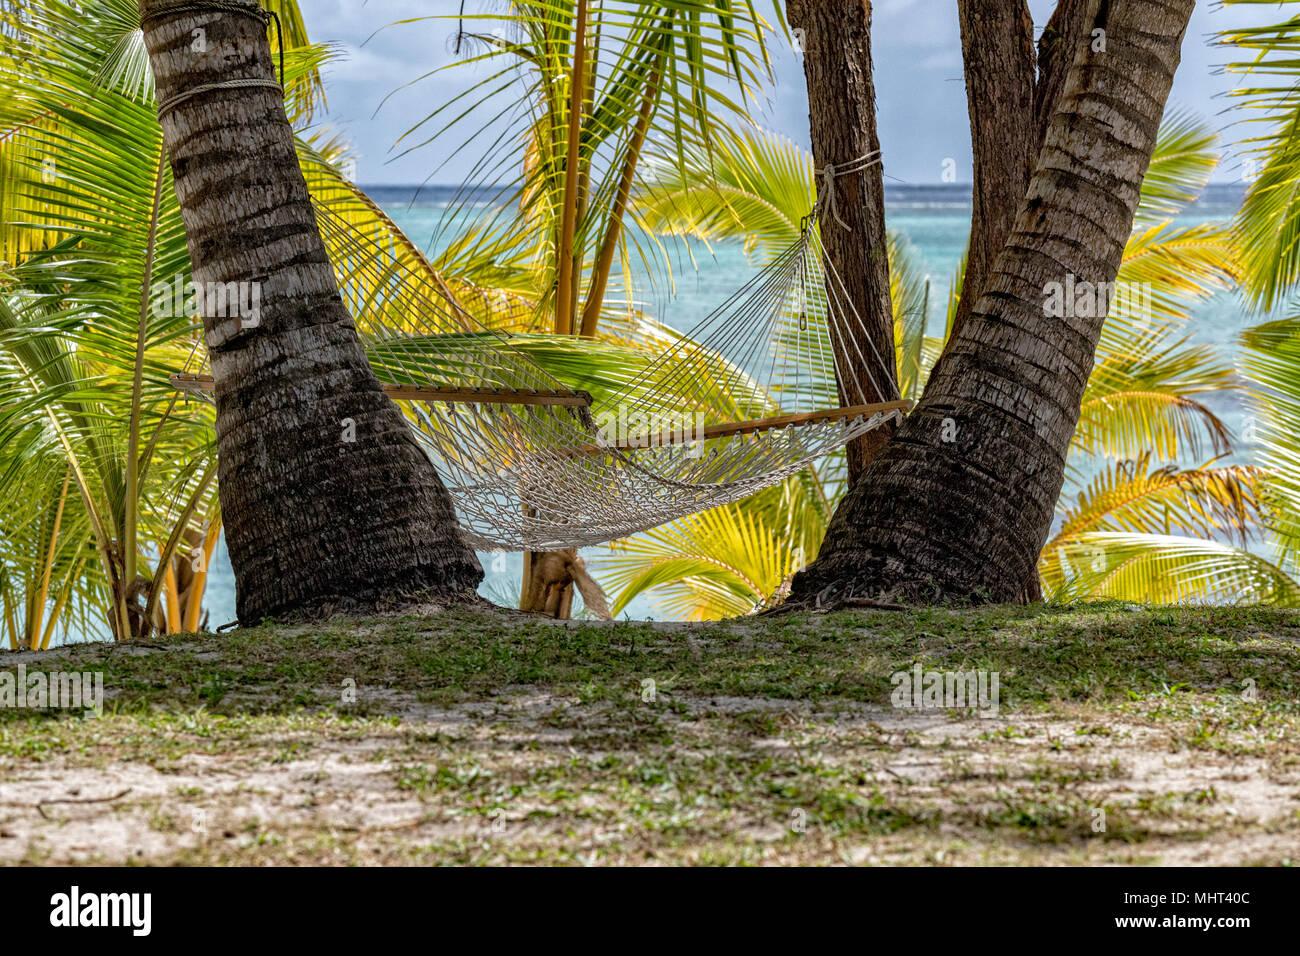 Hamaca en paraíso tropical polinesio, playa de arena blanca, agua transparente Foto de stock